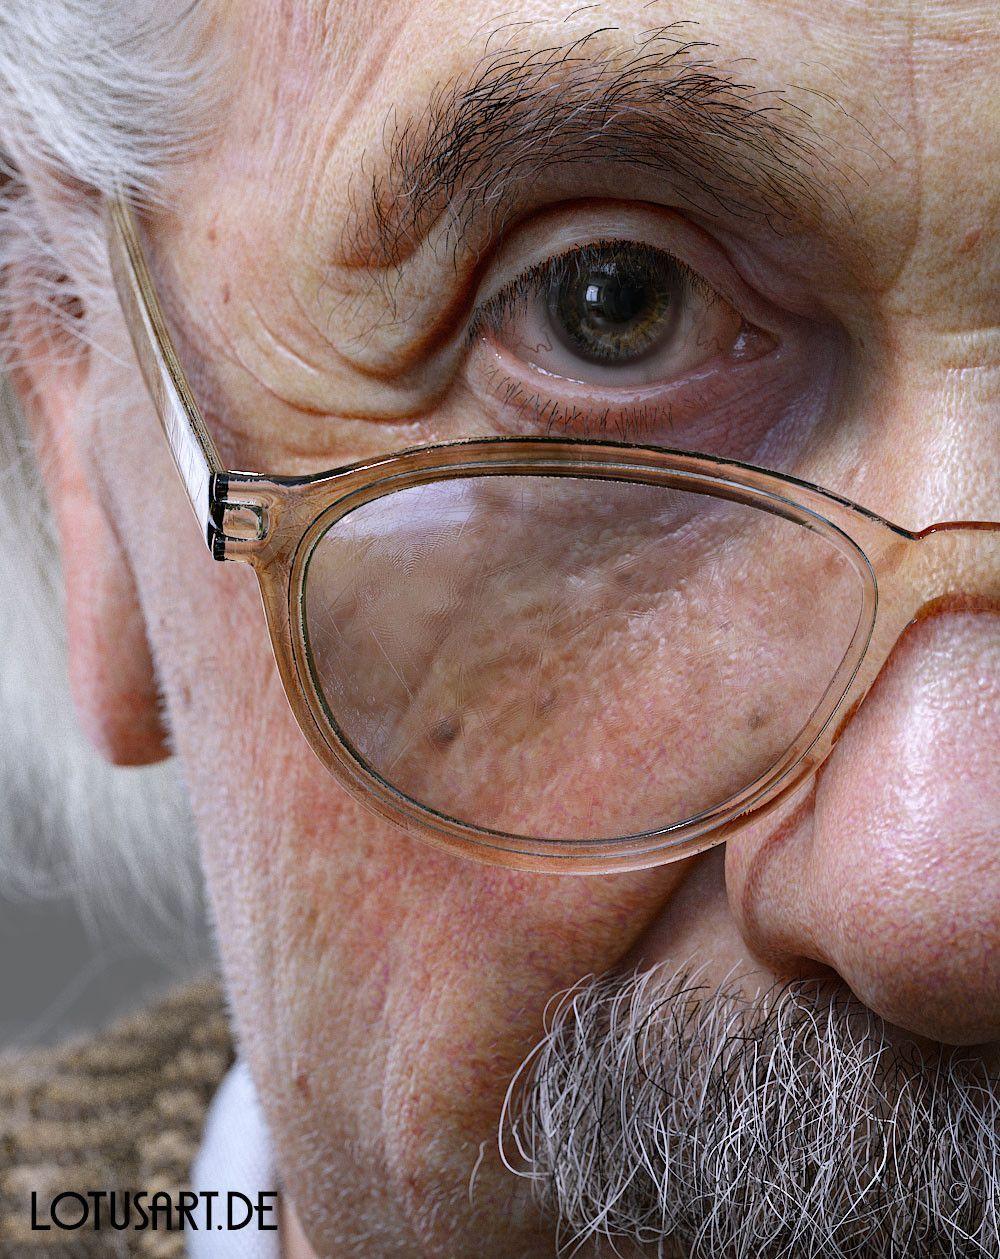 alexander-beim-alberteinstein-lotusart-alexanderbeim-03 Albert Einstein 3D Porträt für ein Hologram